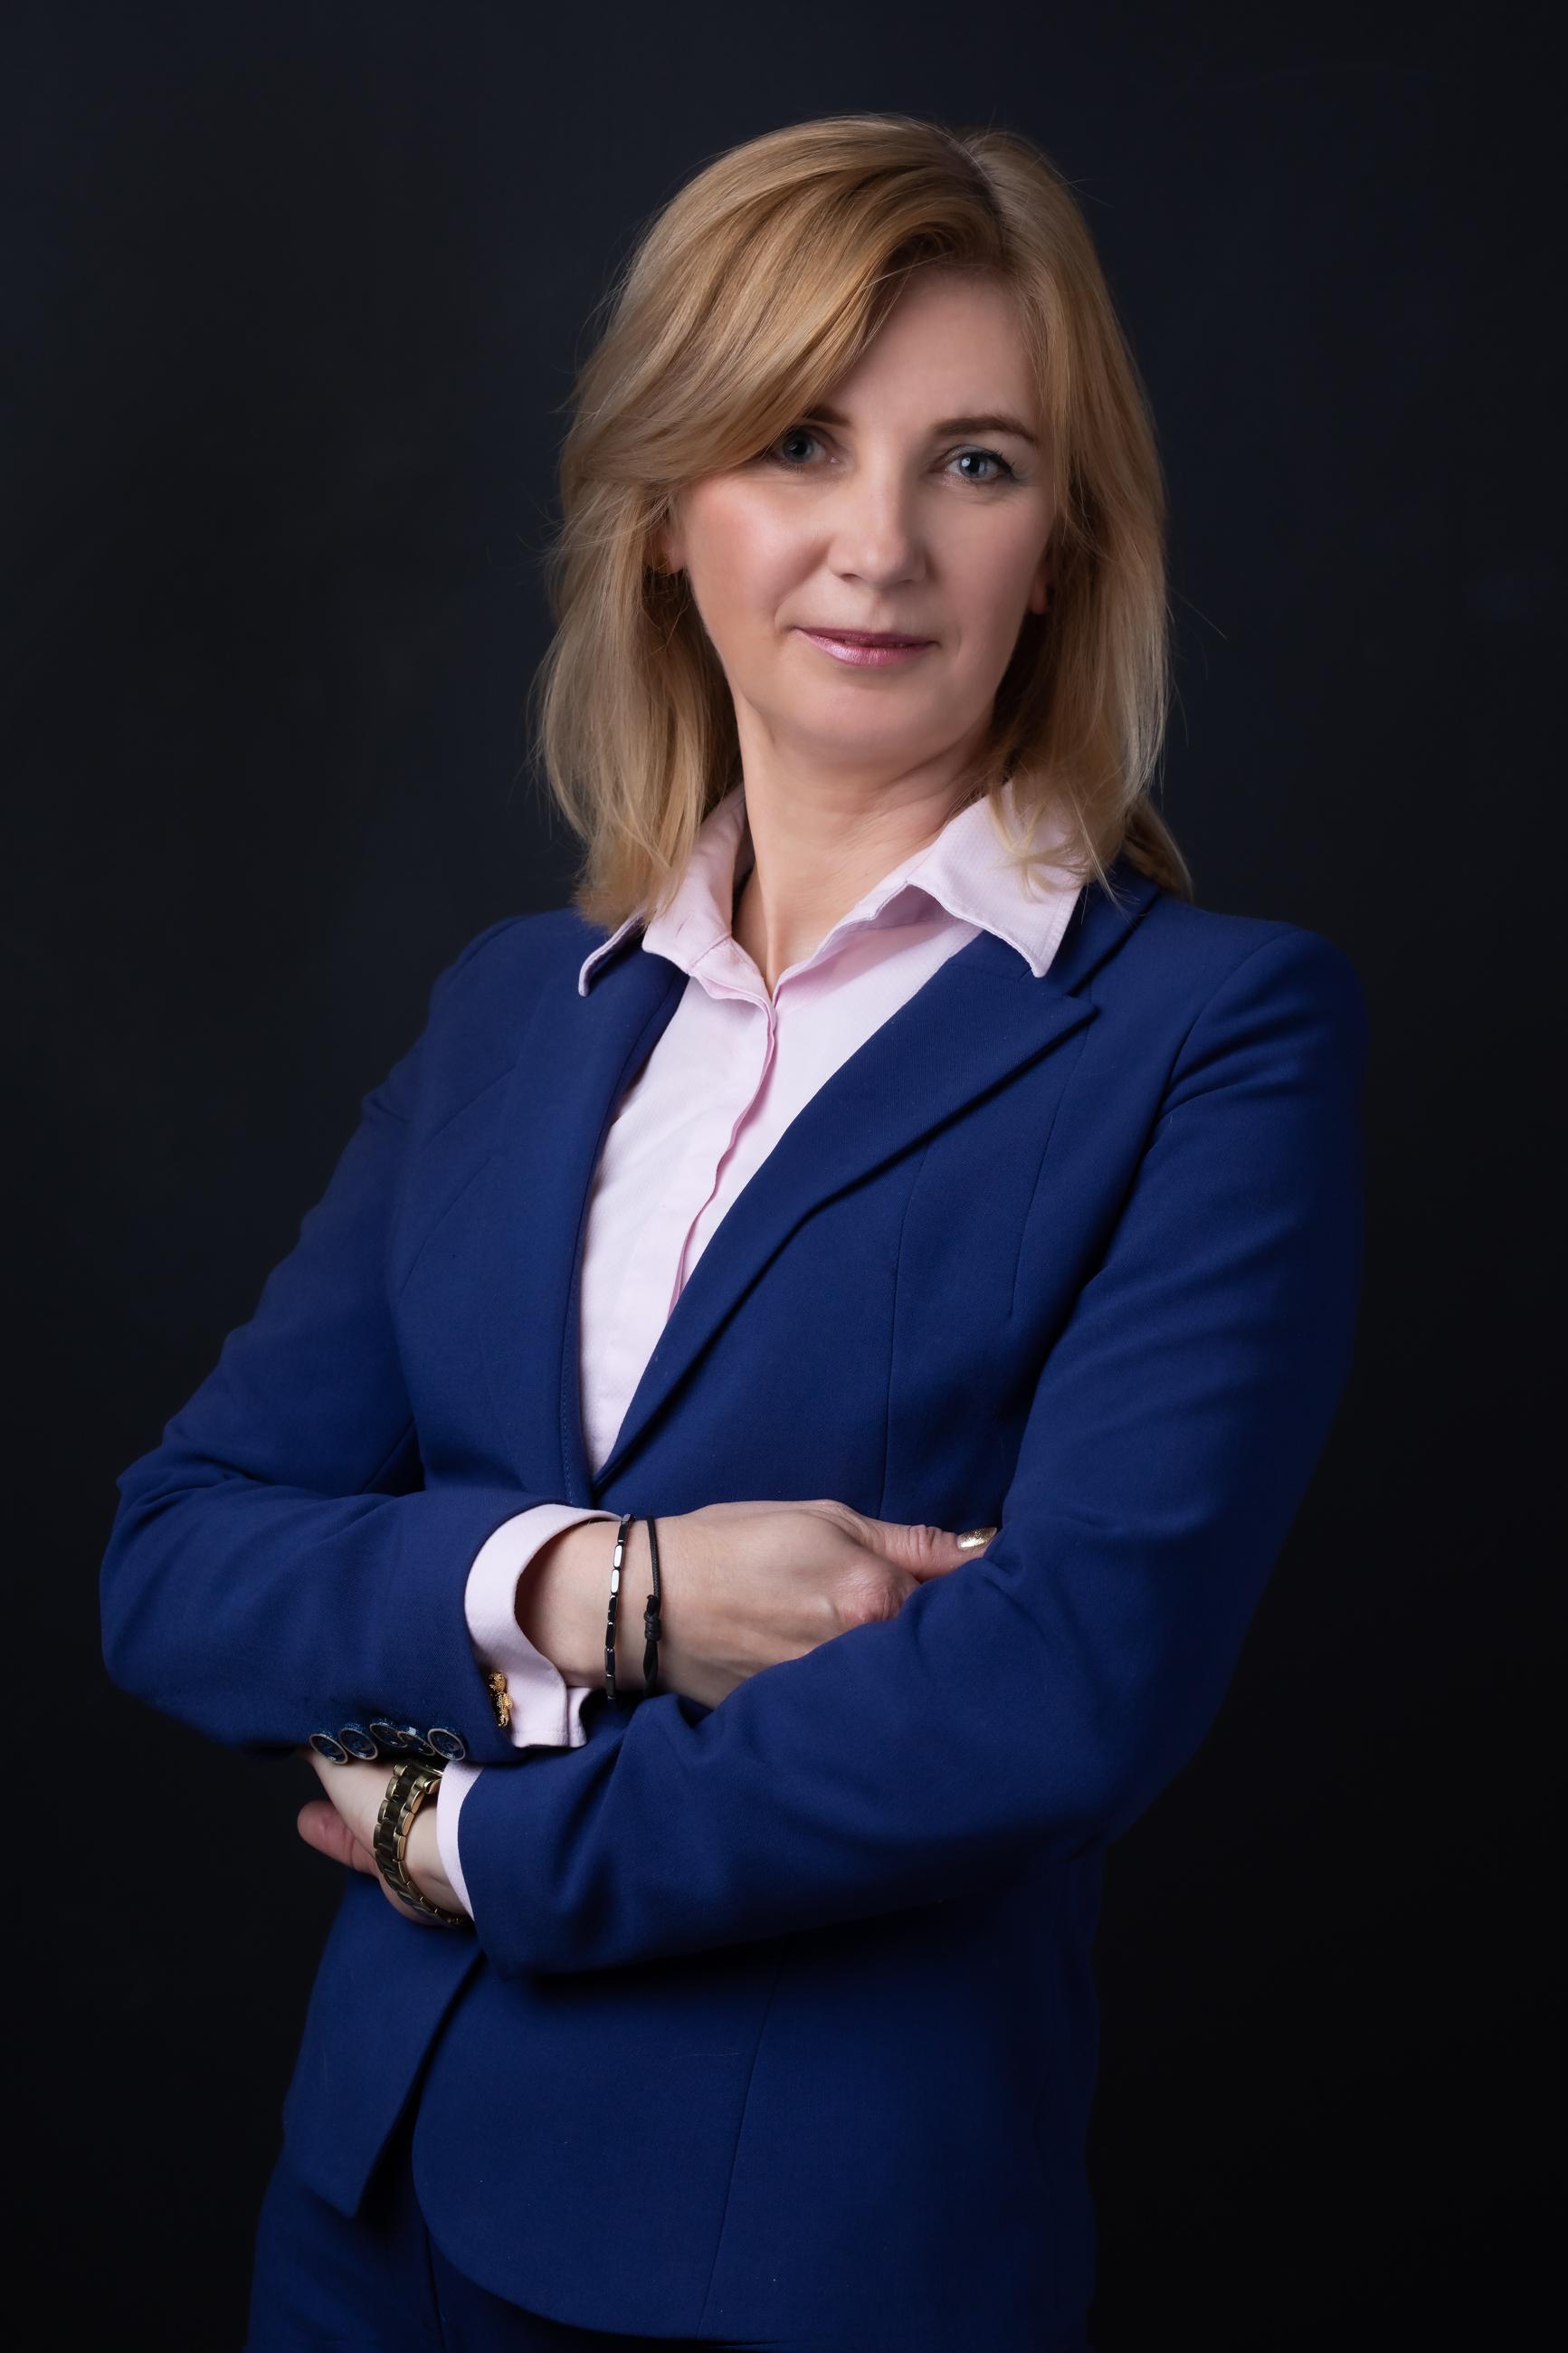 Ośrodek Mediacyjny przy Okręgowej Izbie Radców Prawnych w Bydgoszczy Podraska Bernadeta